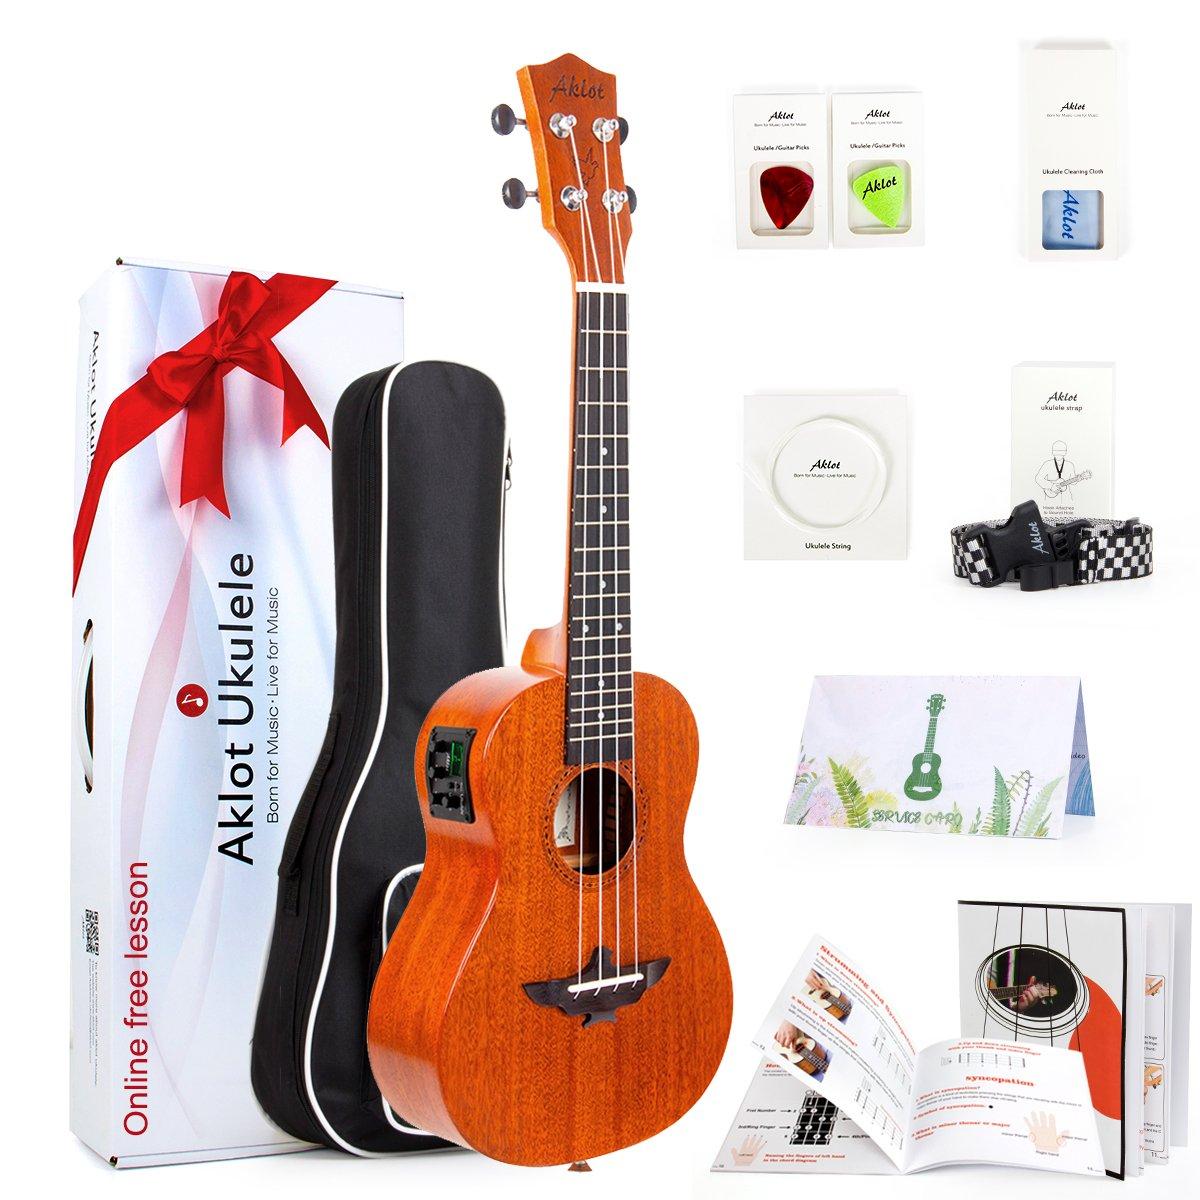 3. AKLOT Electric Acoustic Tenor Ukulele